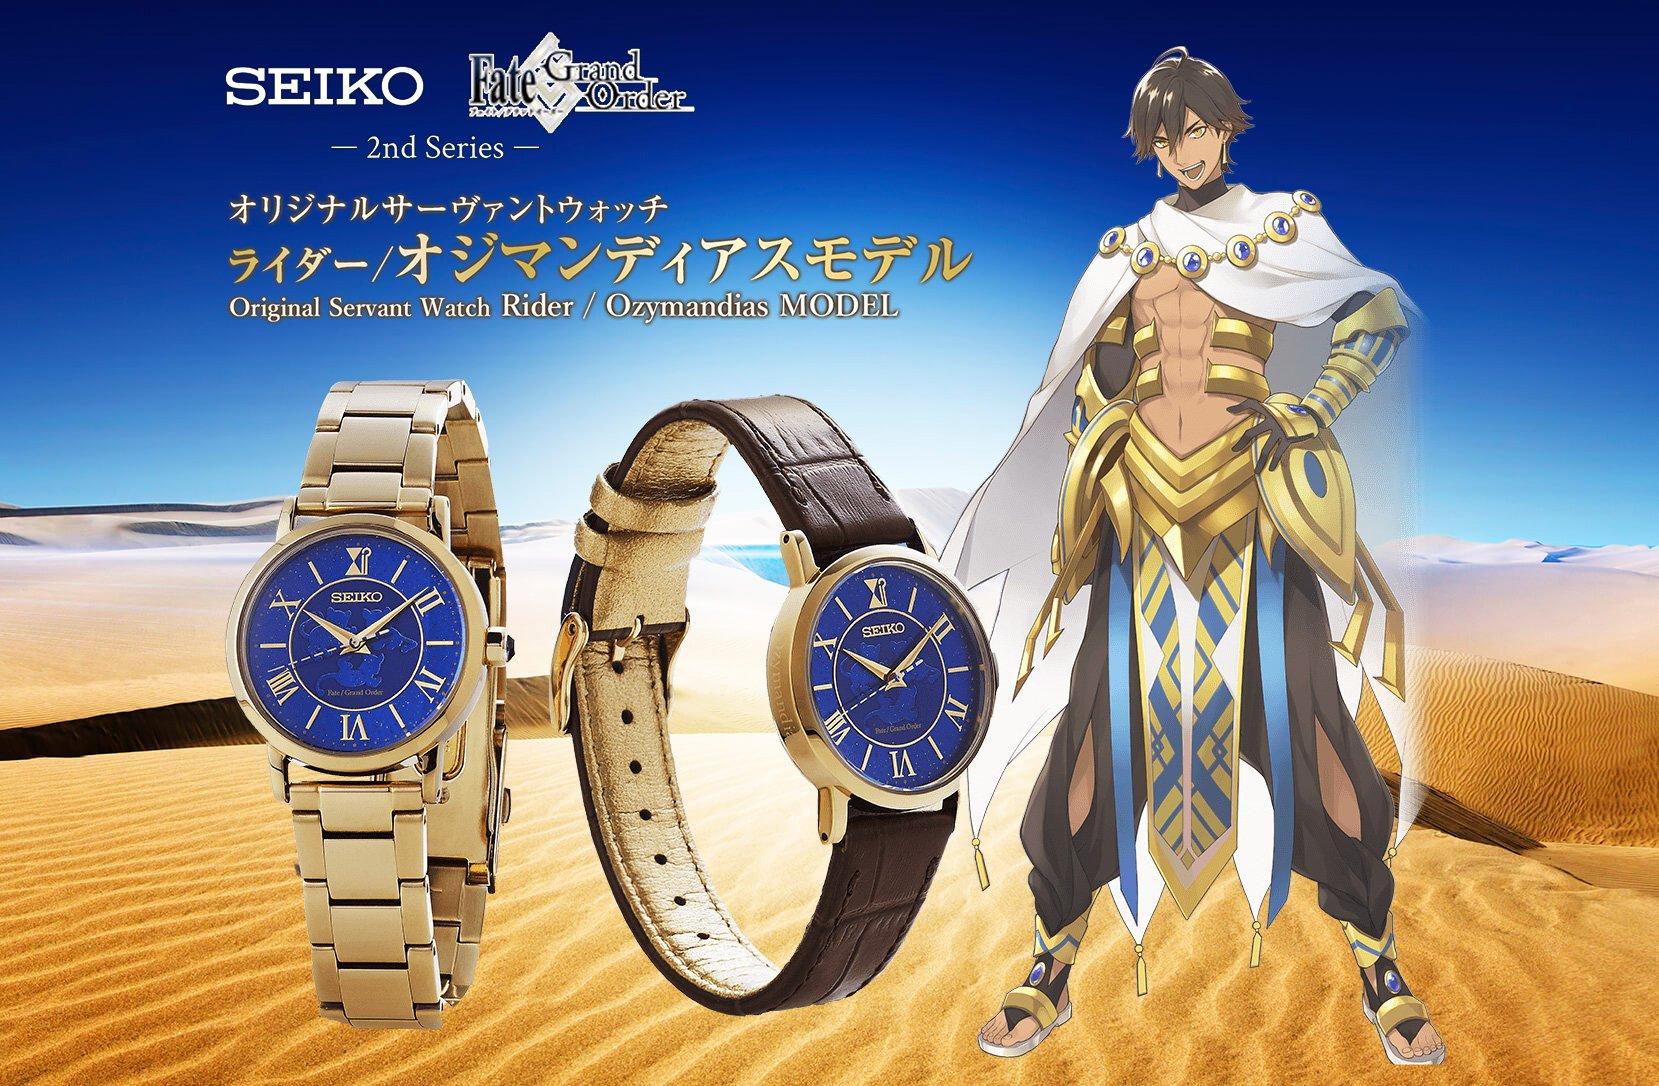 Montre Seiko